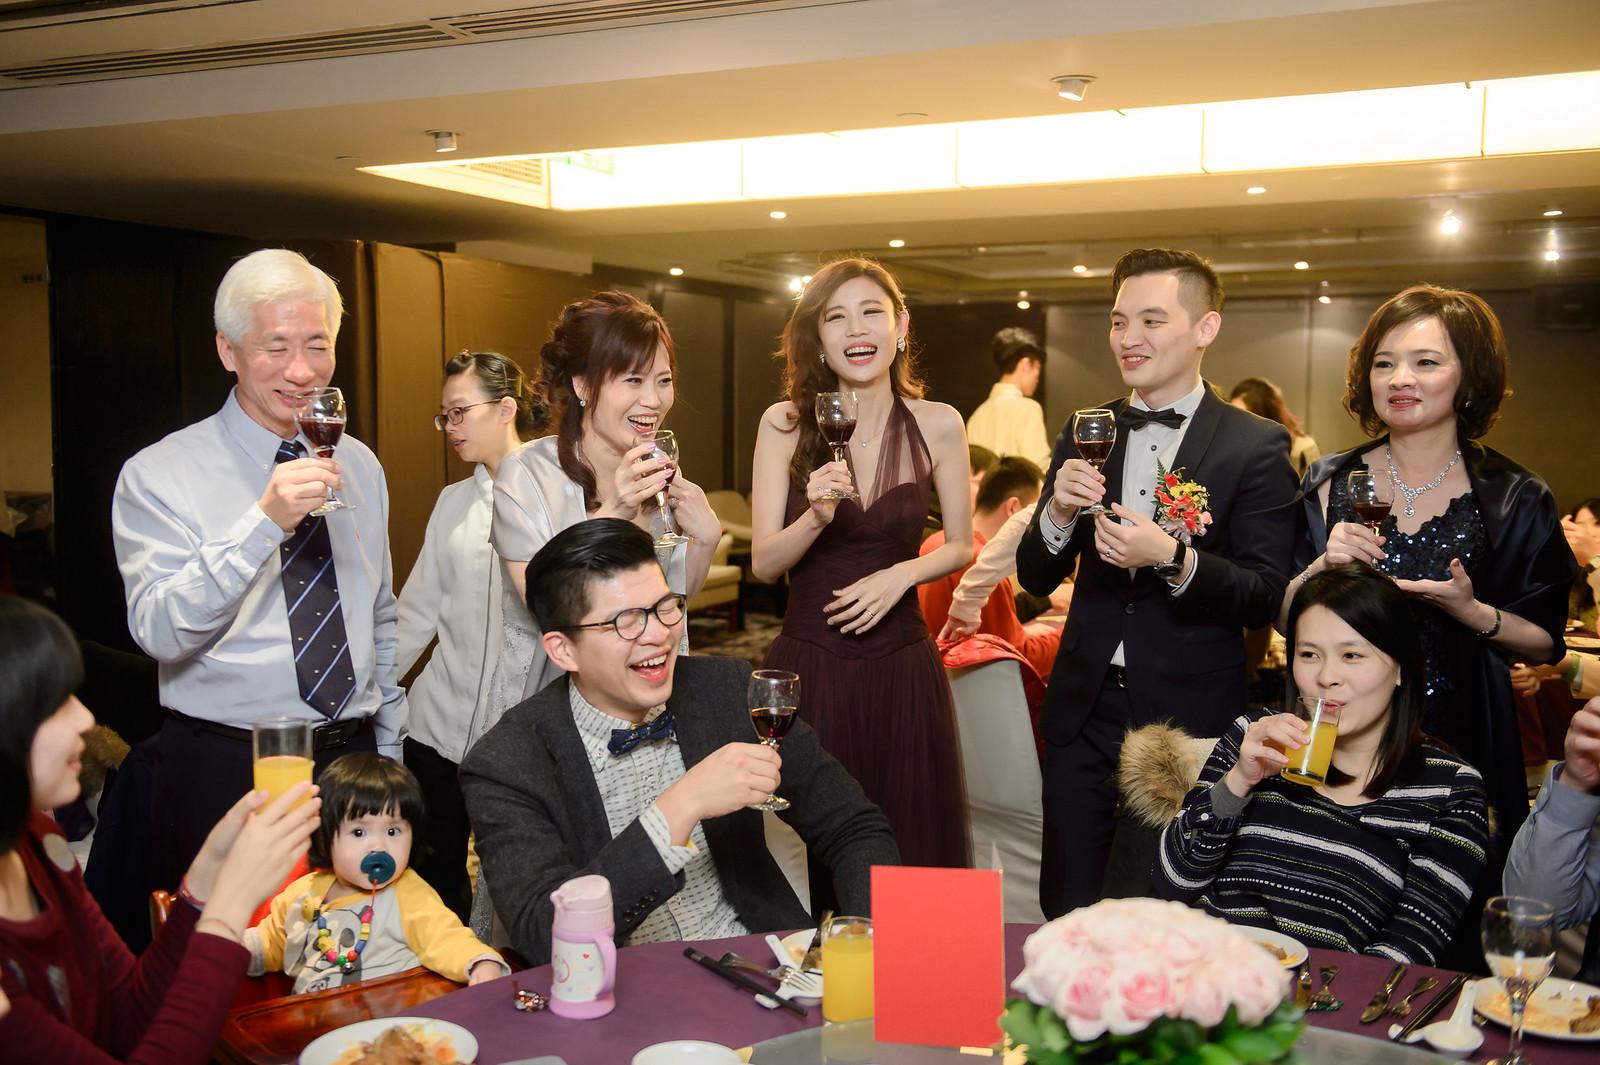 台北婚攝, 婚禮攝影, 婚攝, 婚攝守恆, 婚攝推薦, 晶華酒店, 晶華酒店婚宴, 晶華酒店婚攝-98